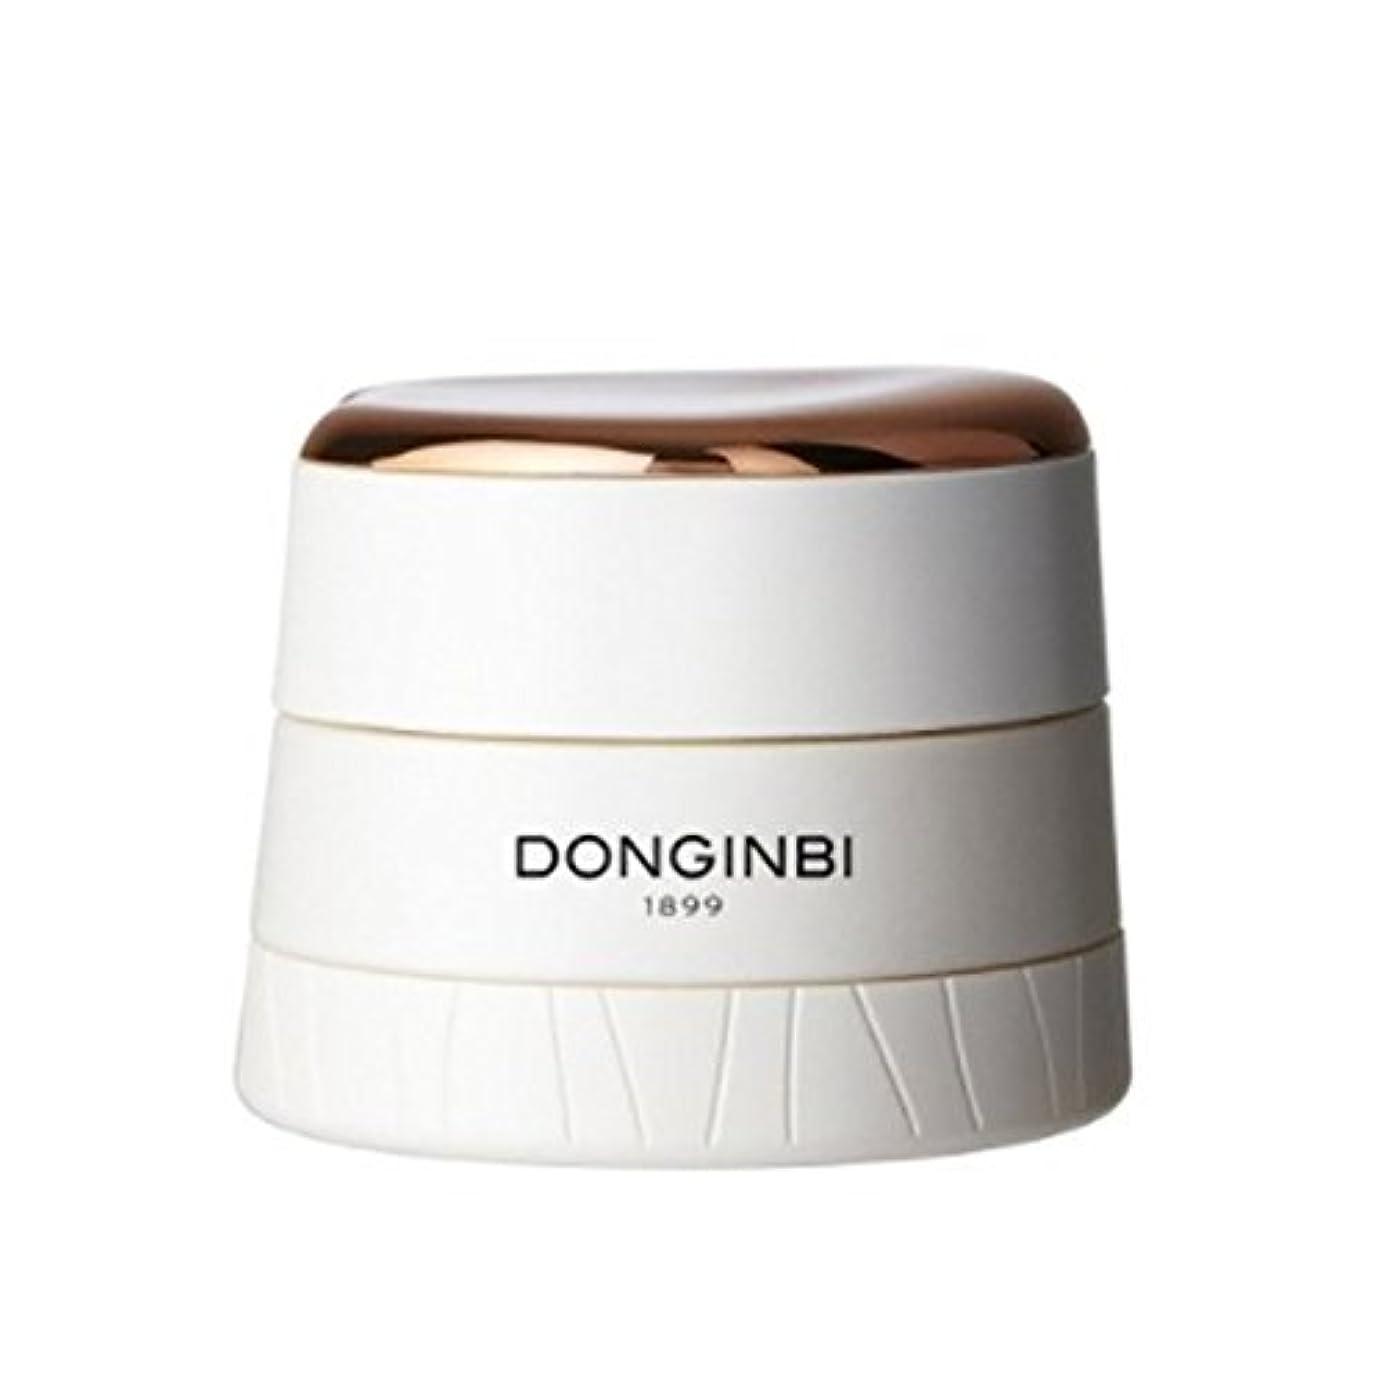 句読点抑圧する変位[ドンインビ]DONGINBI ドンインビユン クリーム60ml 海外直送品 cream 60ml [並行輸入品]